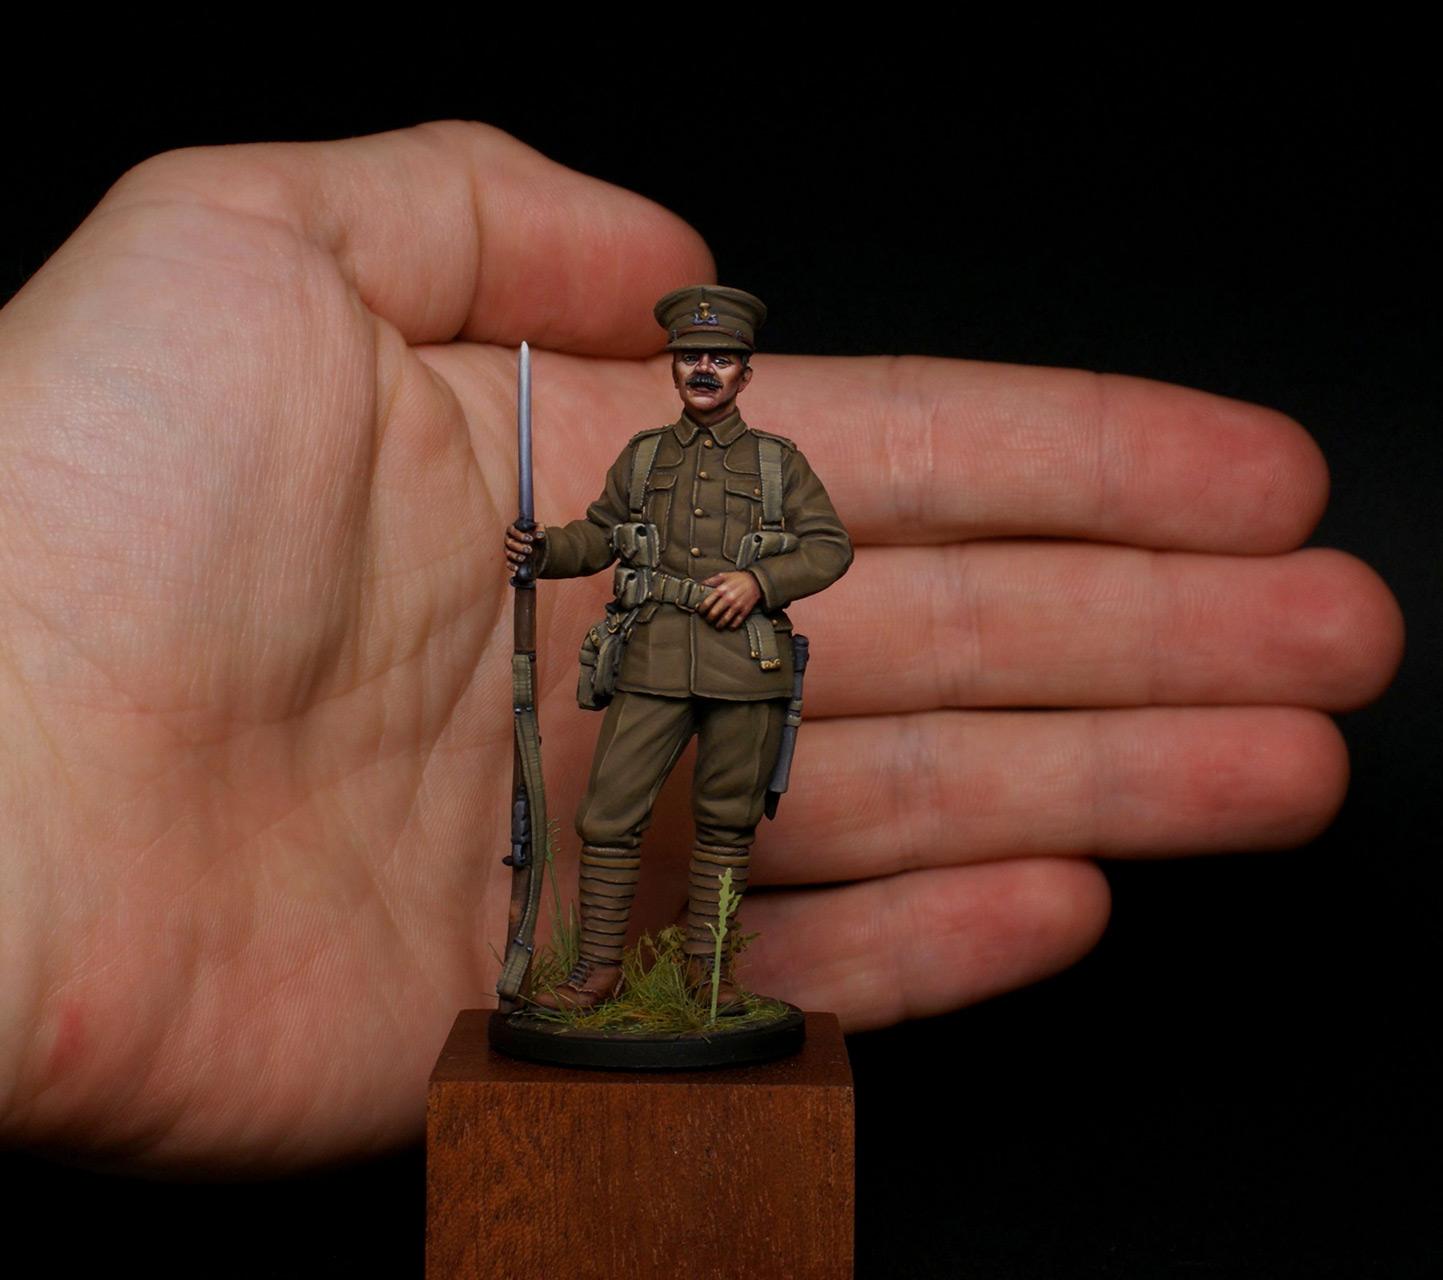 Figures: Lancashire fusilier, photo #8